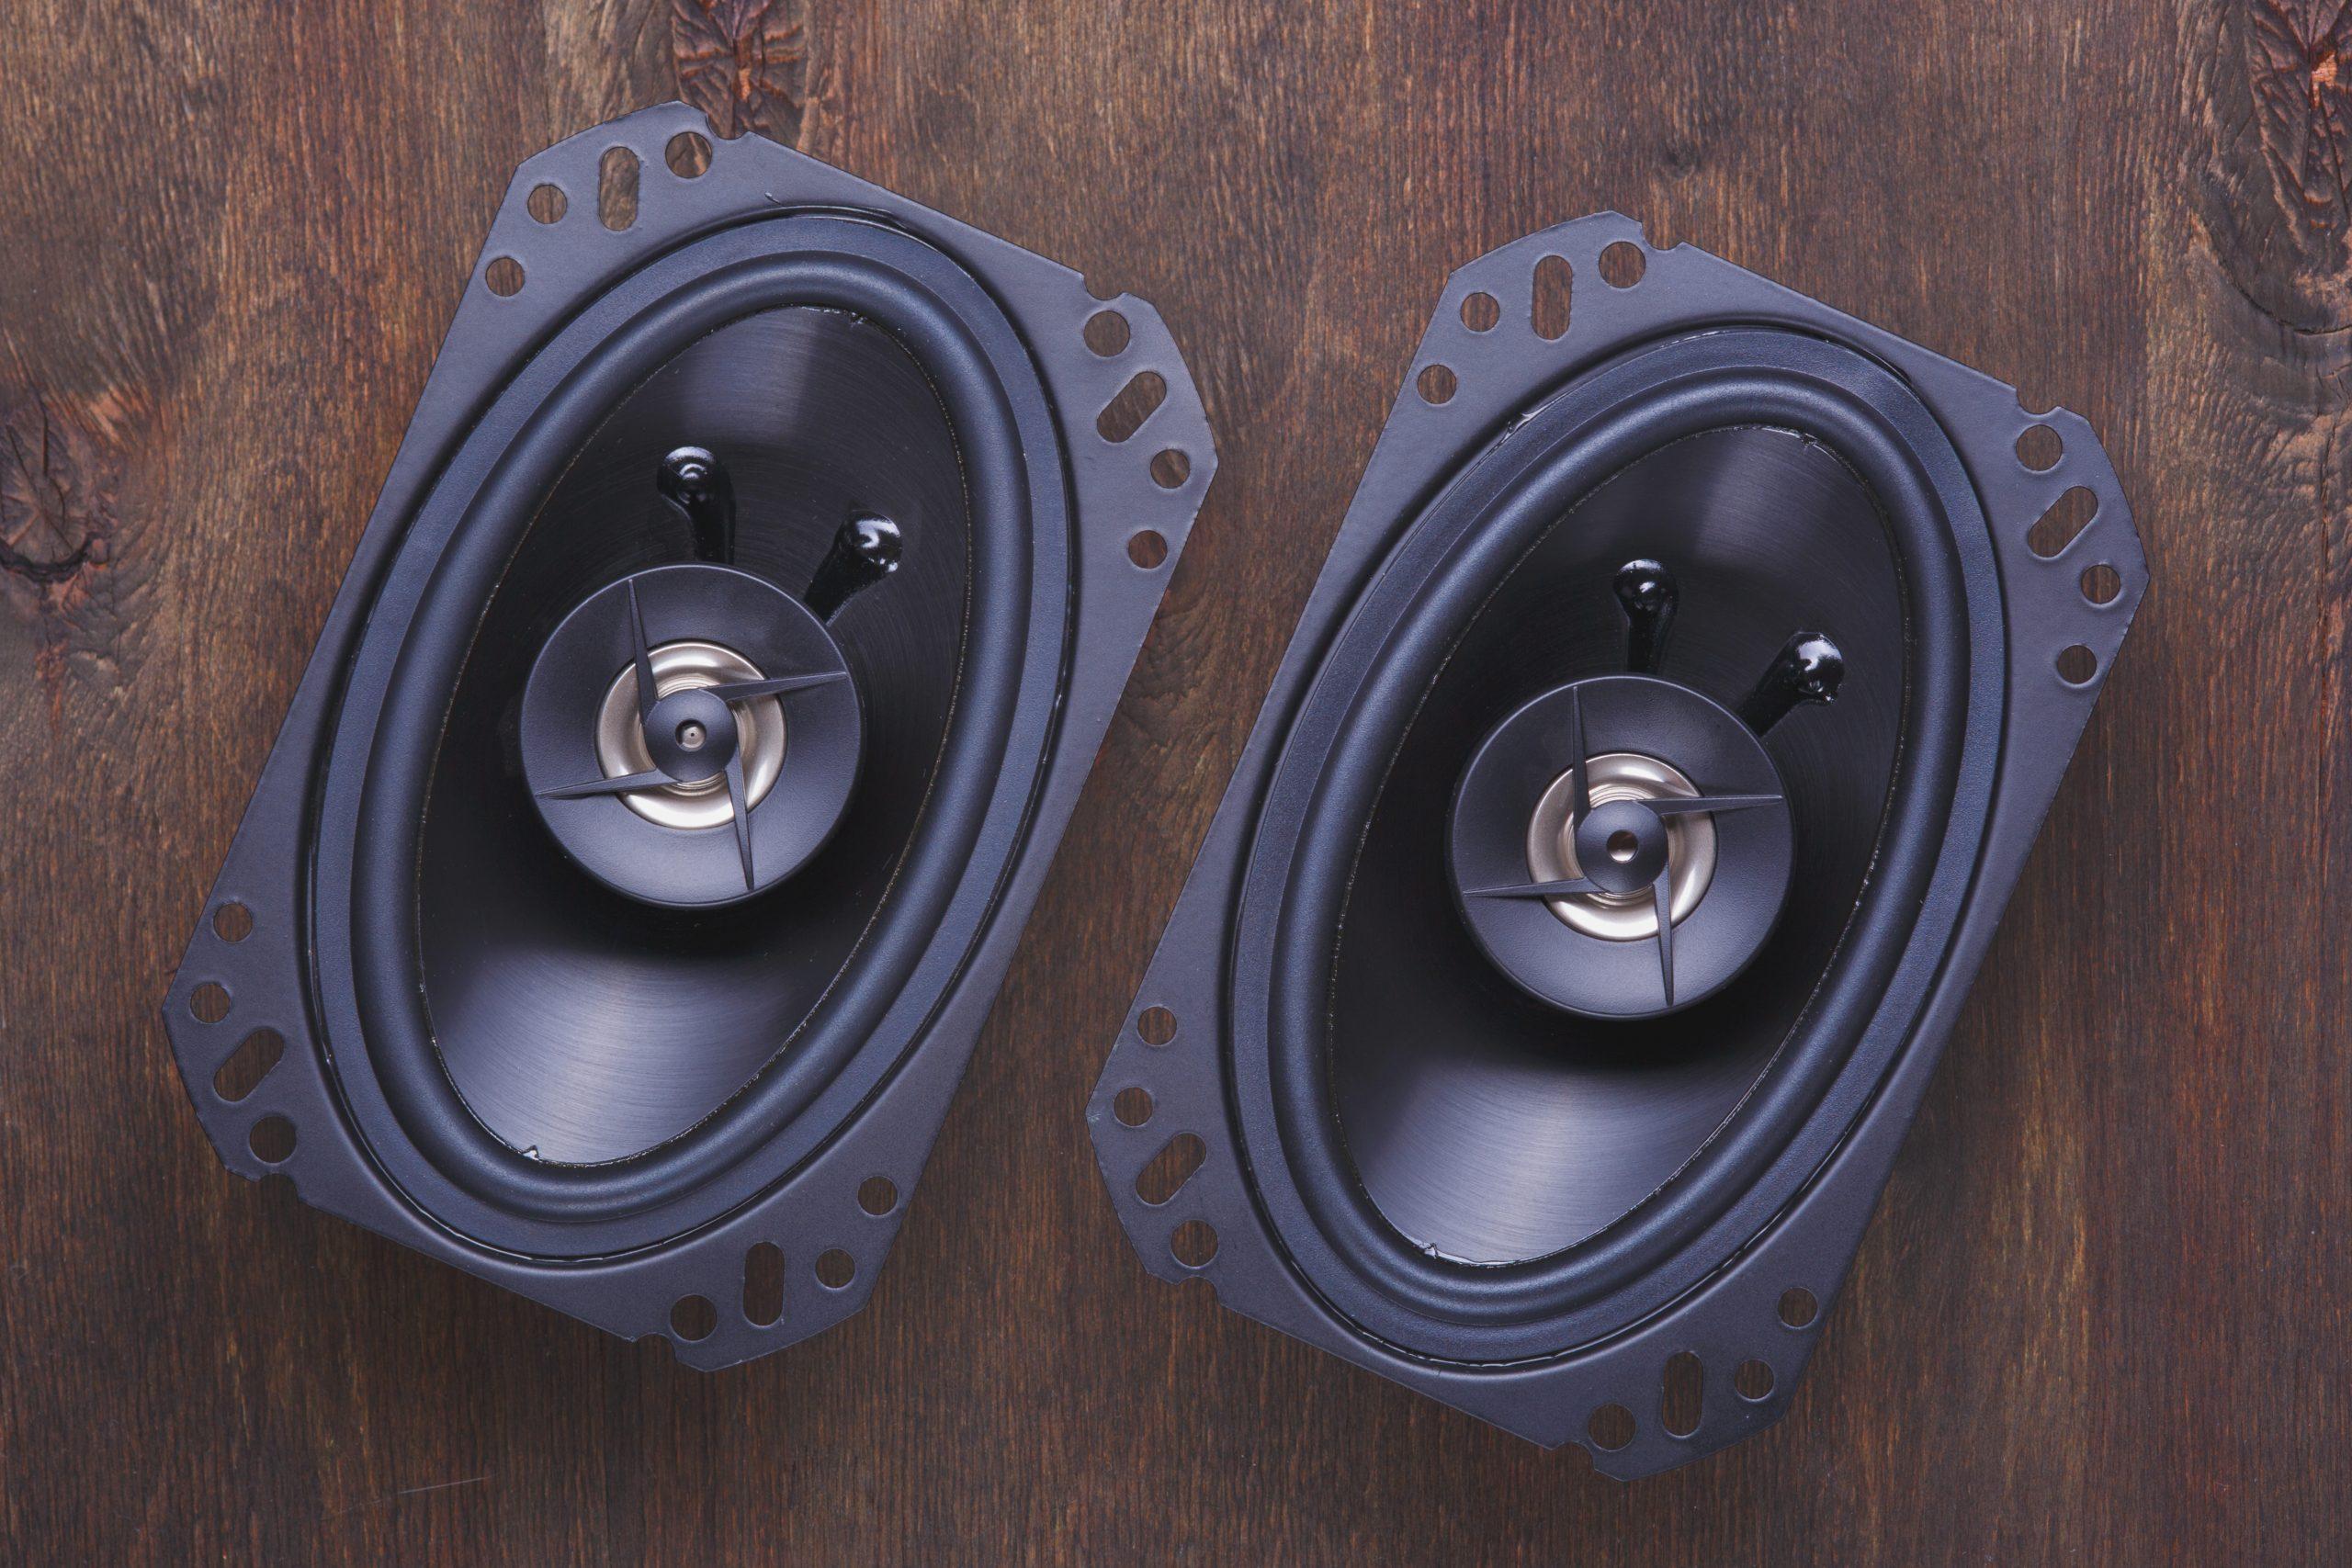 Auto Lautsprecher: Test & Empfehlungen (04/21)